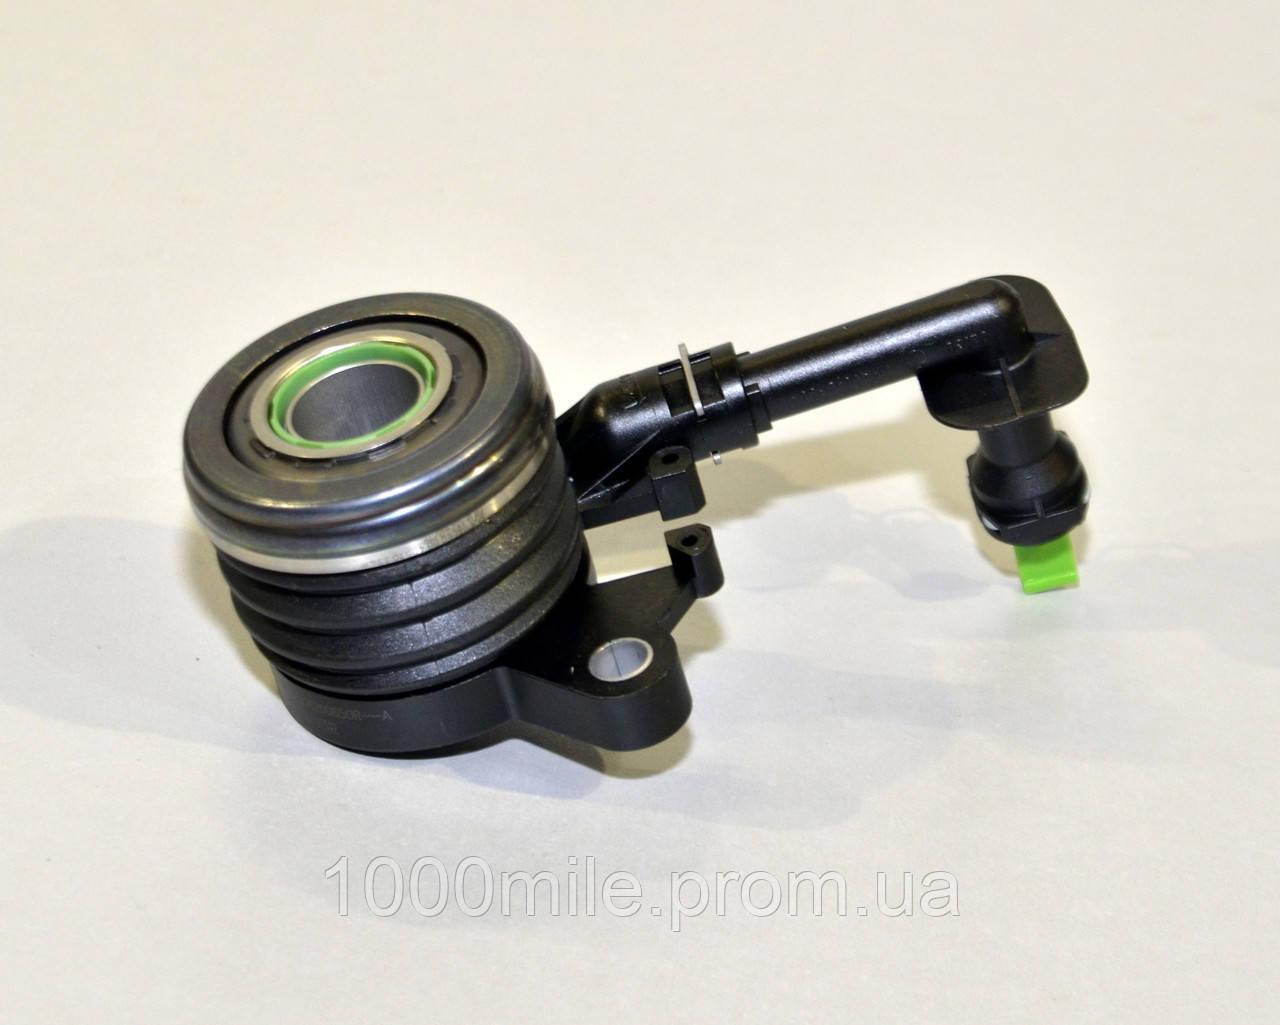 Подшипник выжимной гидравлический (d=13.3) на Renault Kangoo II 1.5 dCi 05-> — RENAULT (Оригинал) - 306200650R